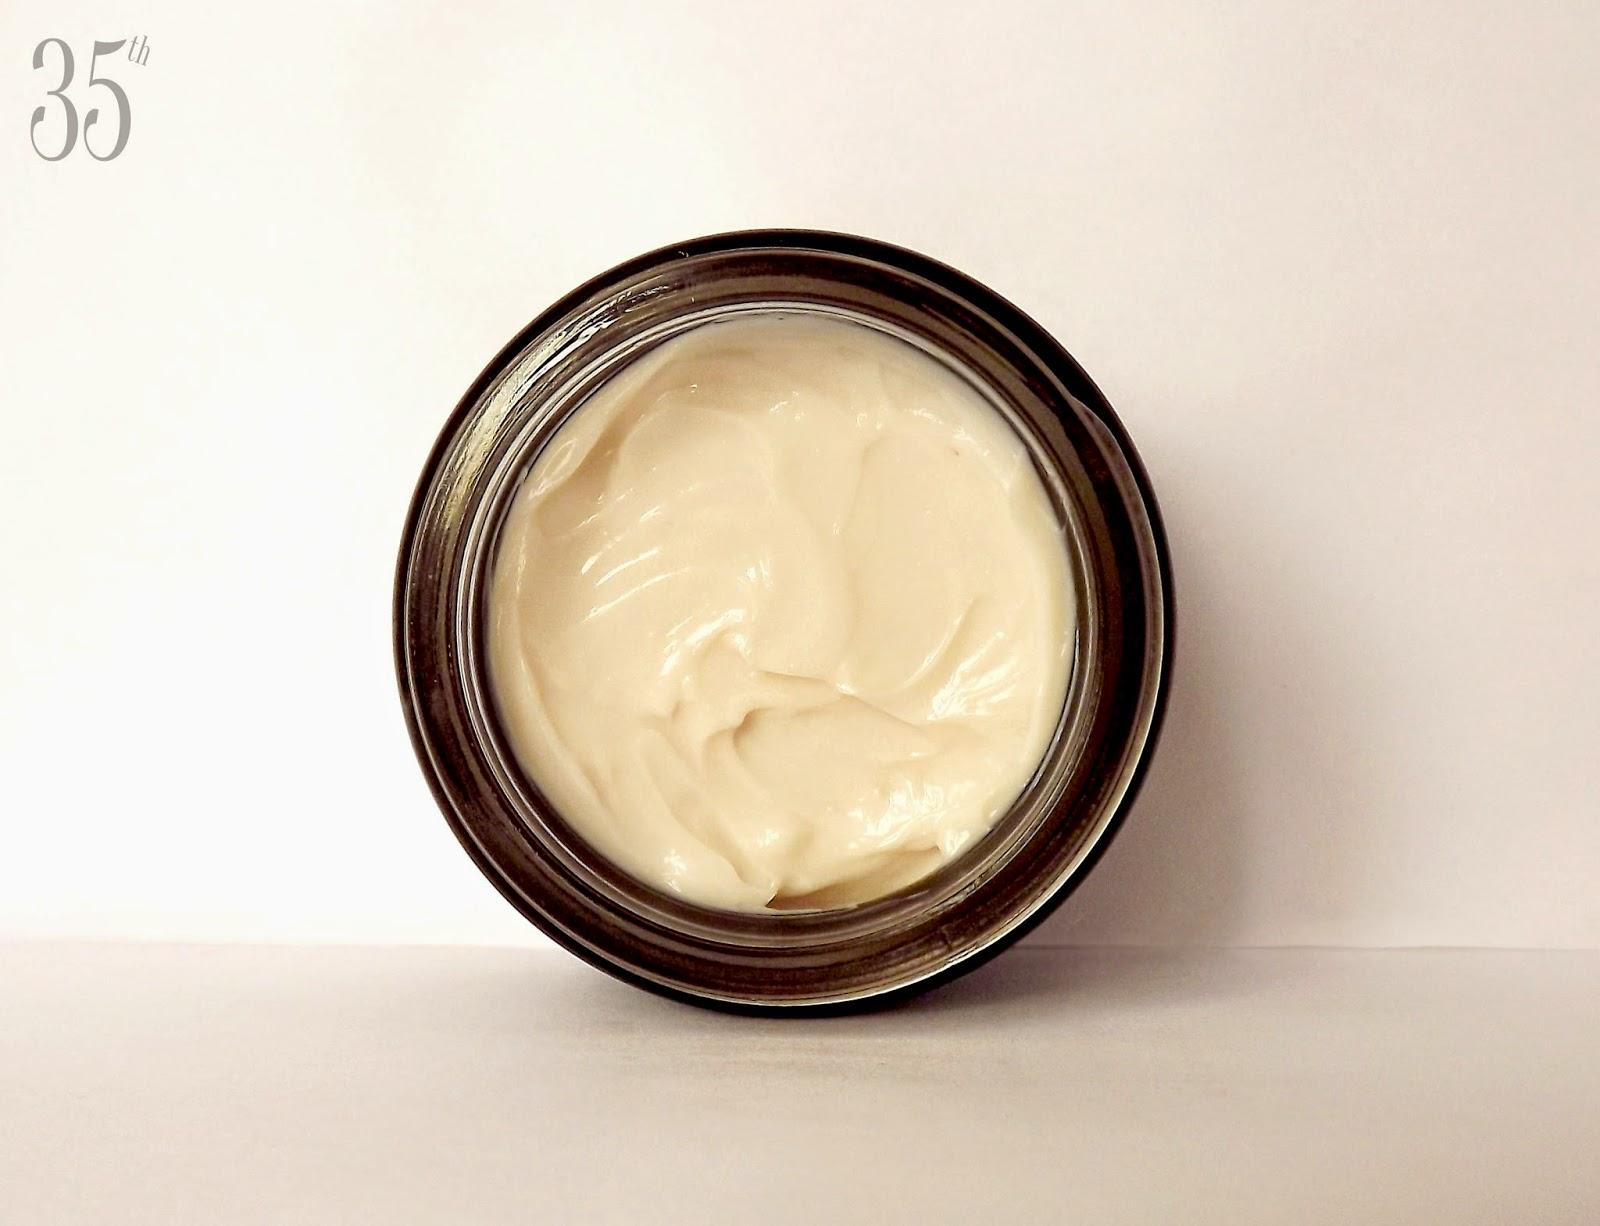 Ladykin Vanpir Dark Repair Cream review